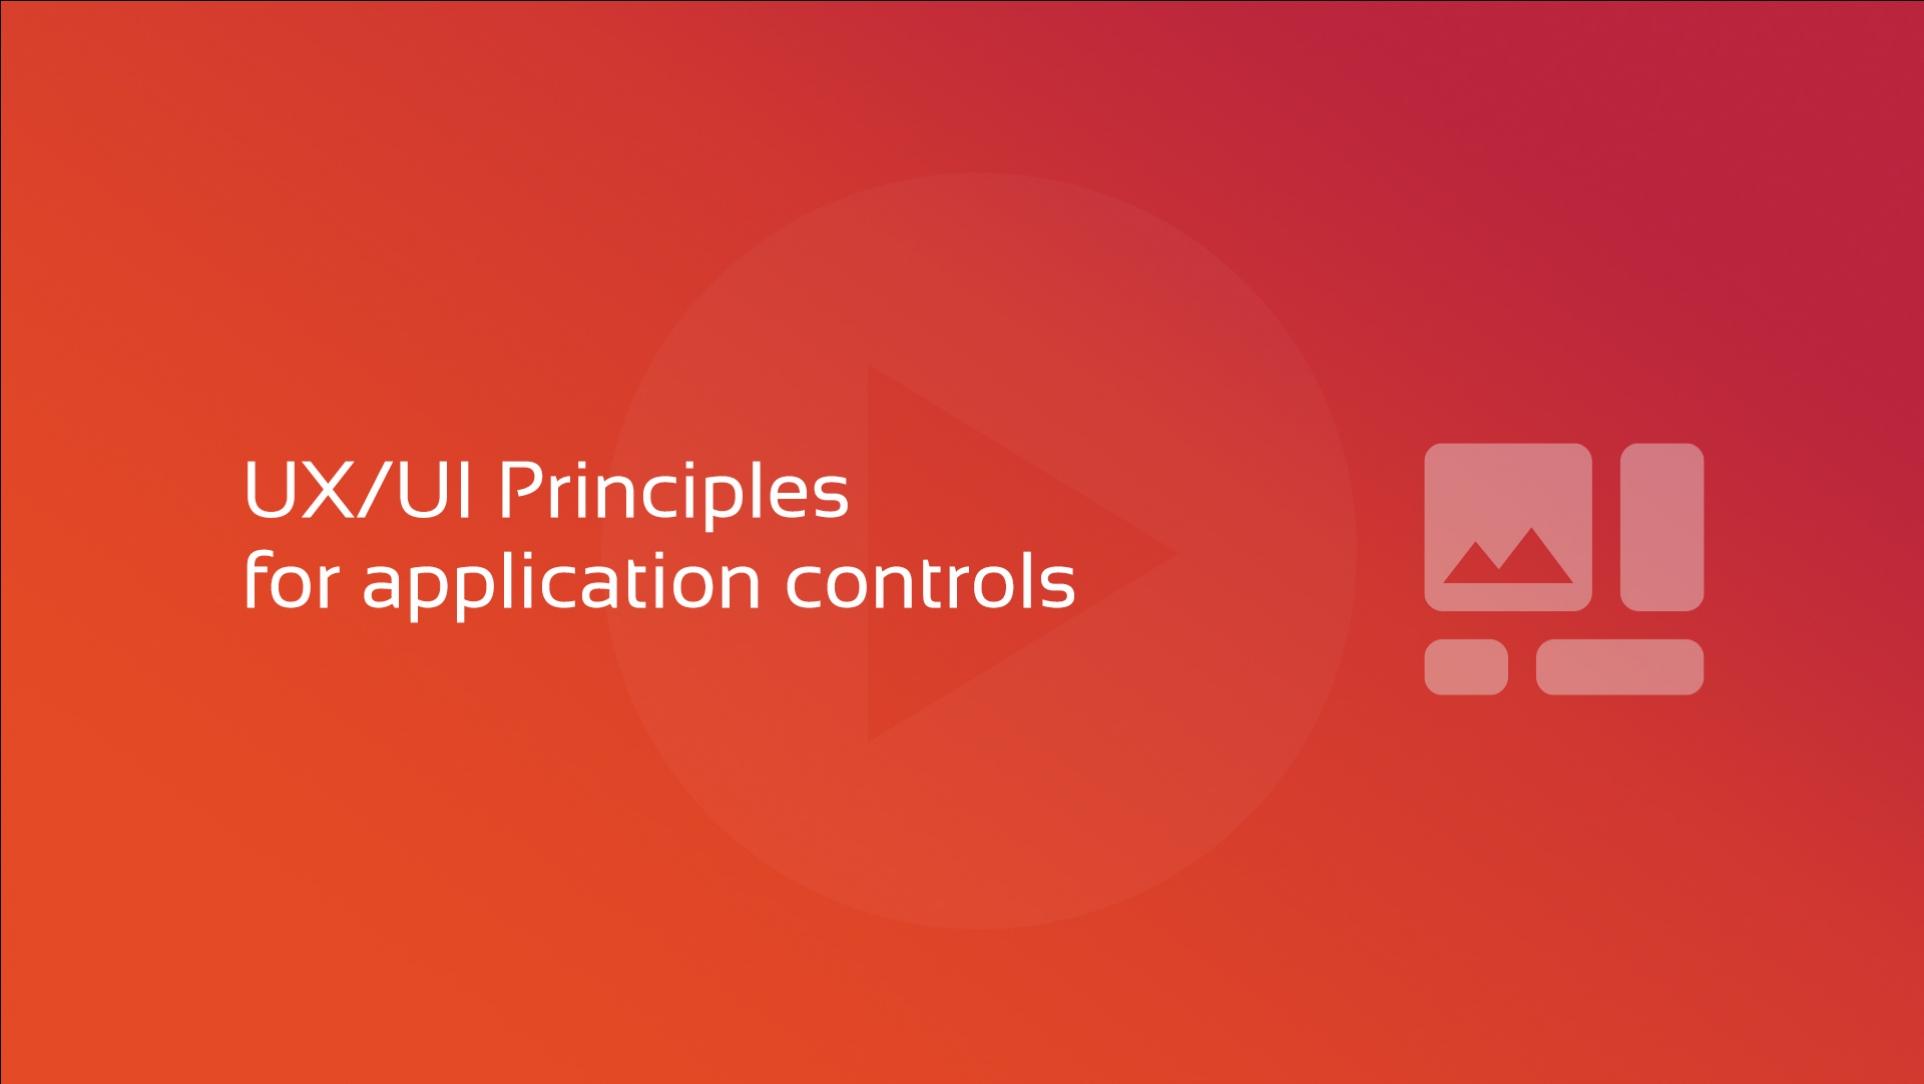 2020-04-17 DFLC UX UI tips for app controls OG IMAGE